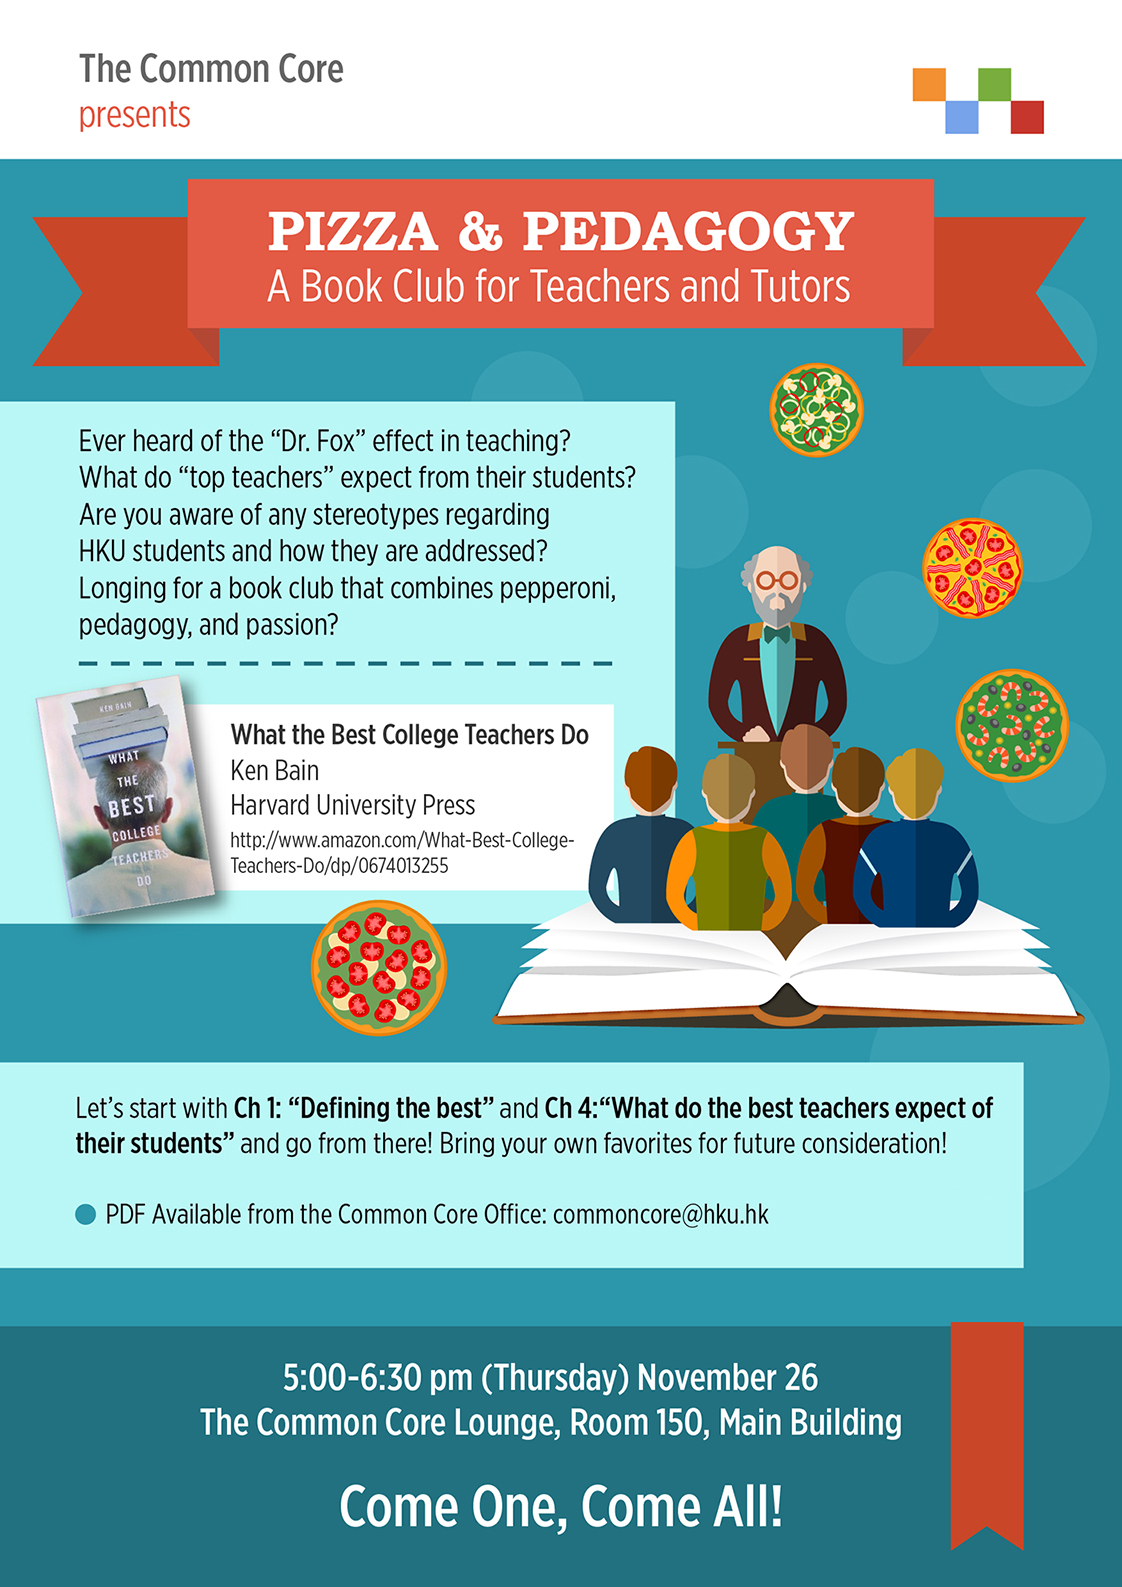 Pizza & Pedagogy